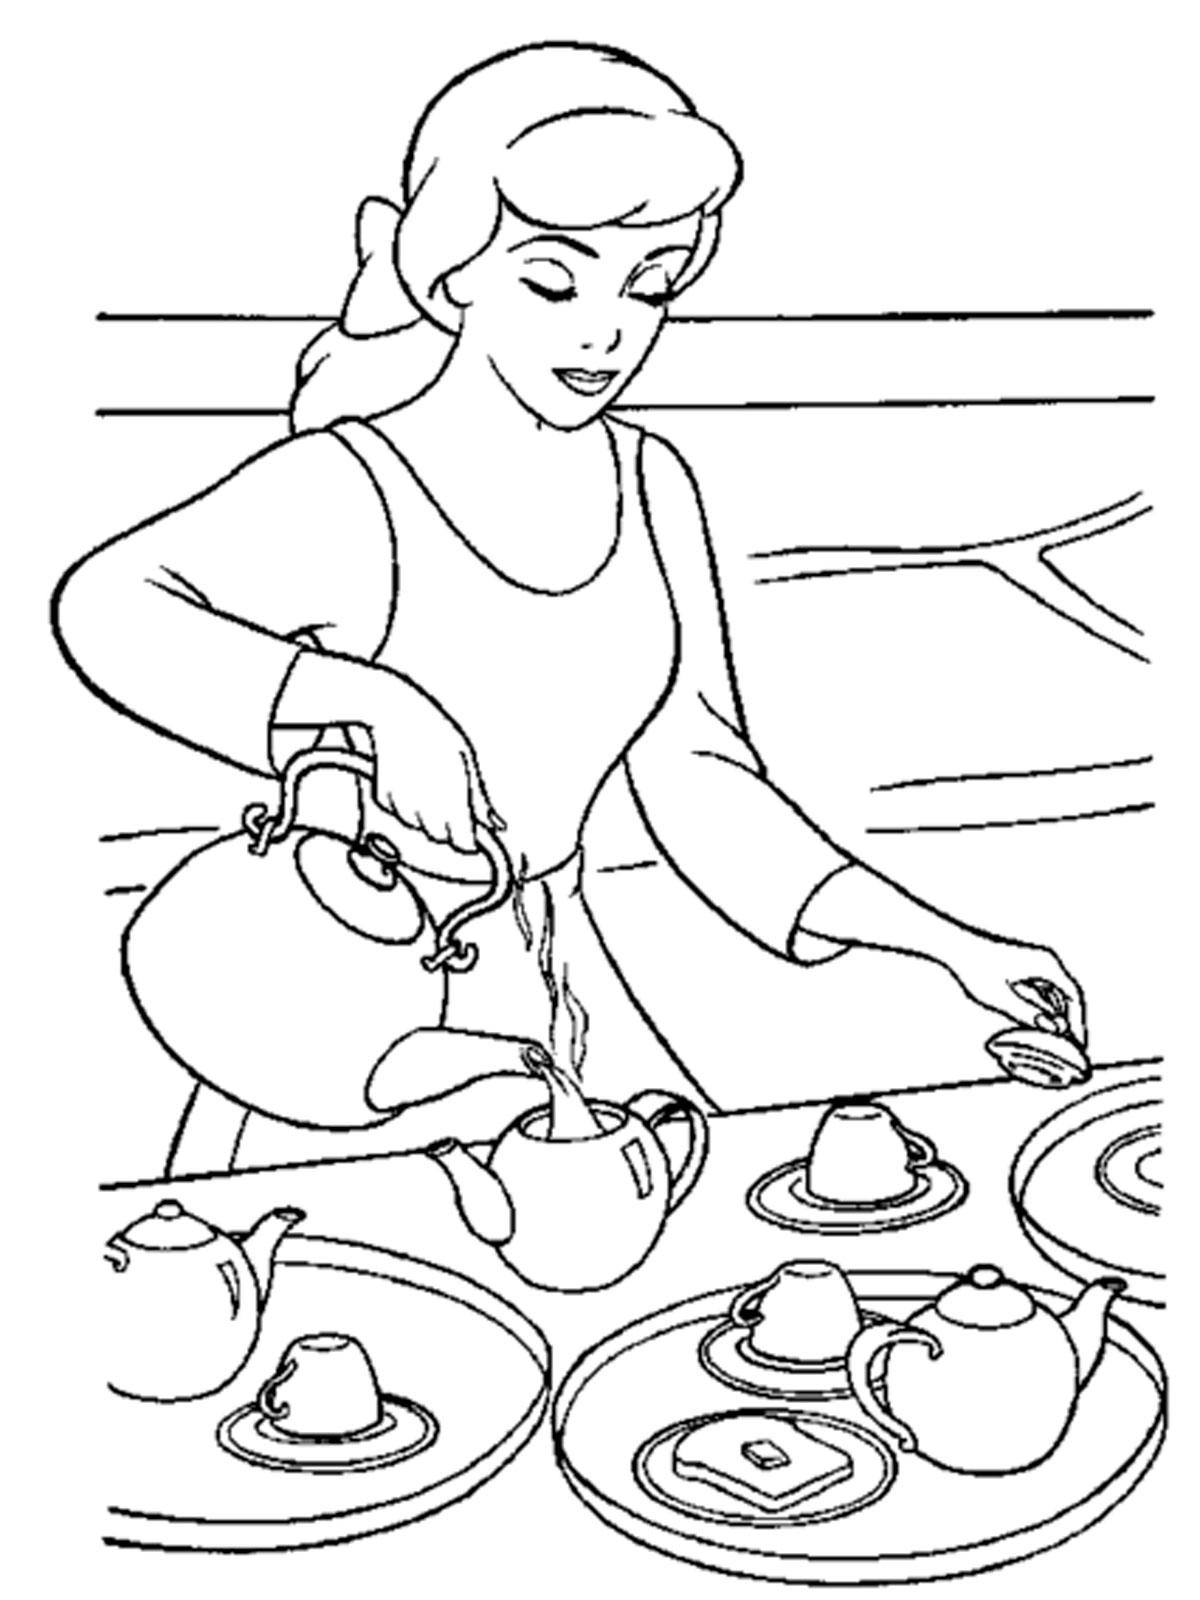 Золушка наливает чай - раскраска №1019 | Printonic.ru